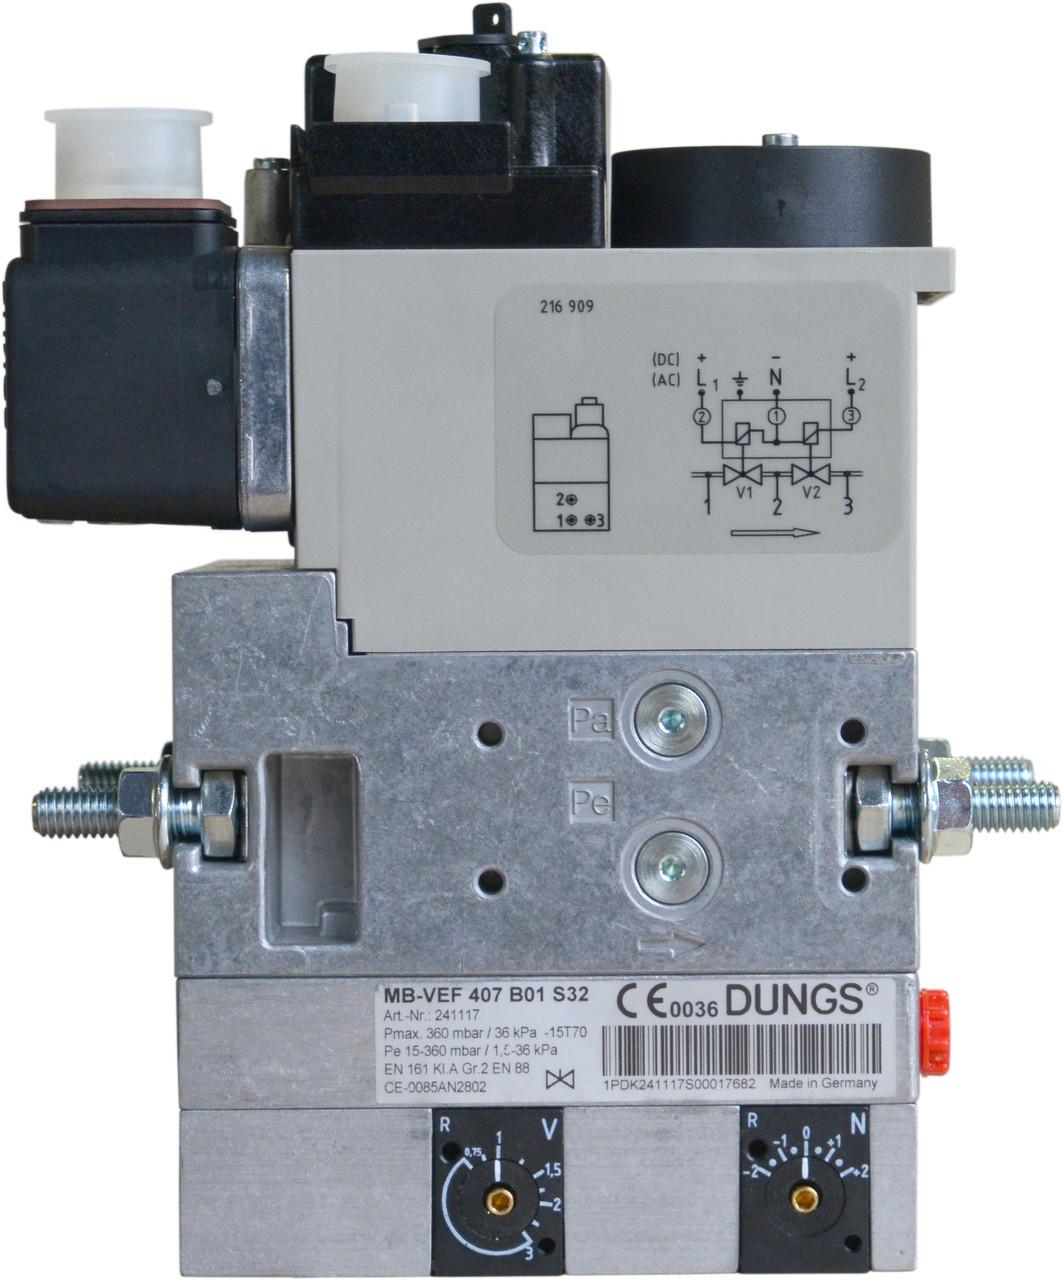 Газовый мультиблок Dungs MB-VEF 412 B01 S32  арт. №239076